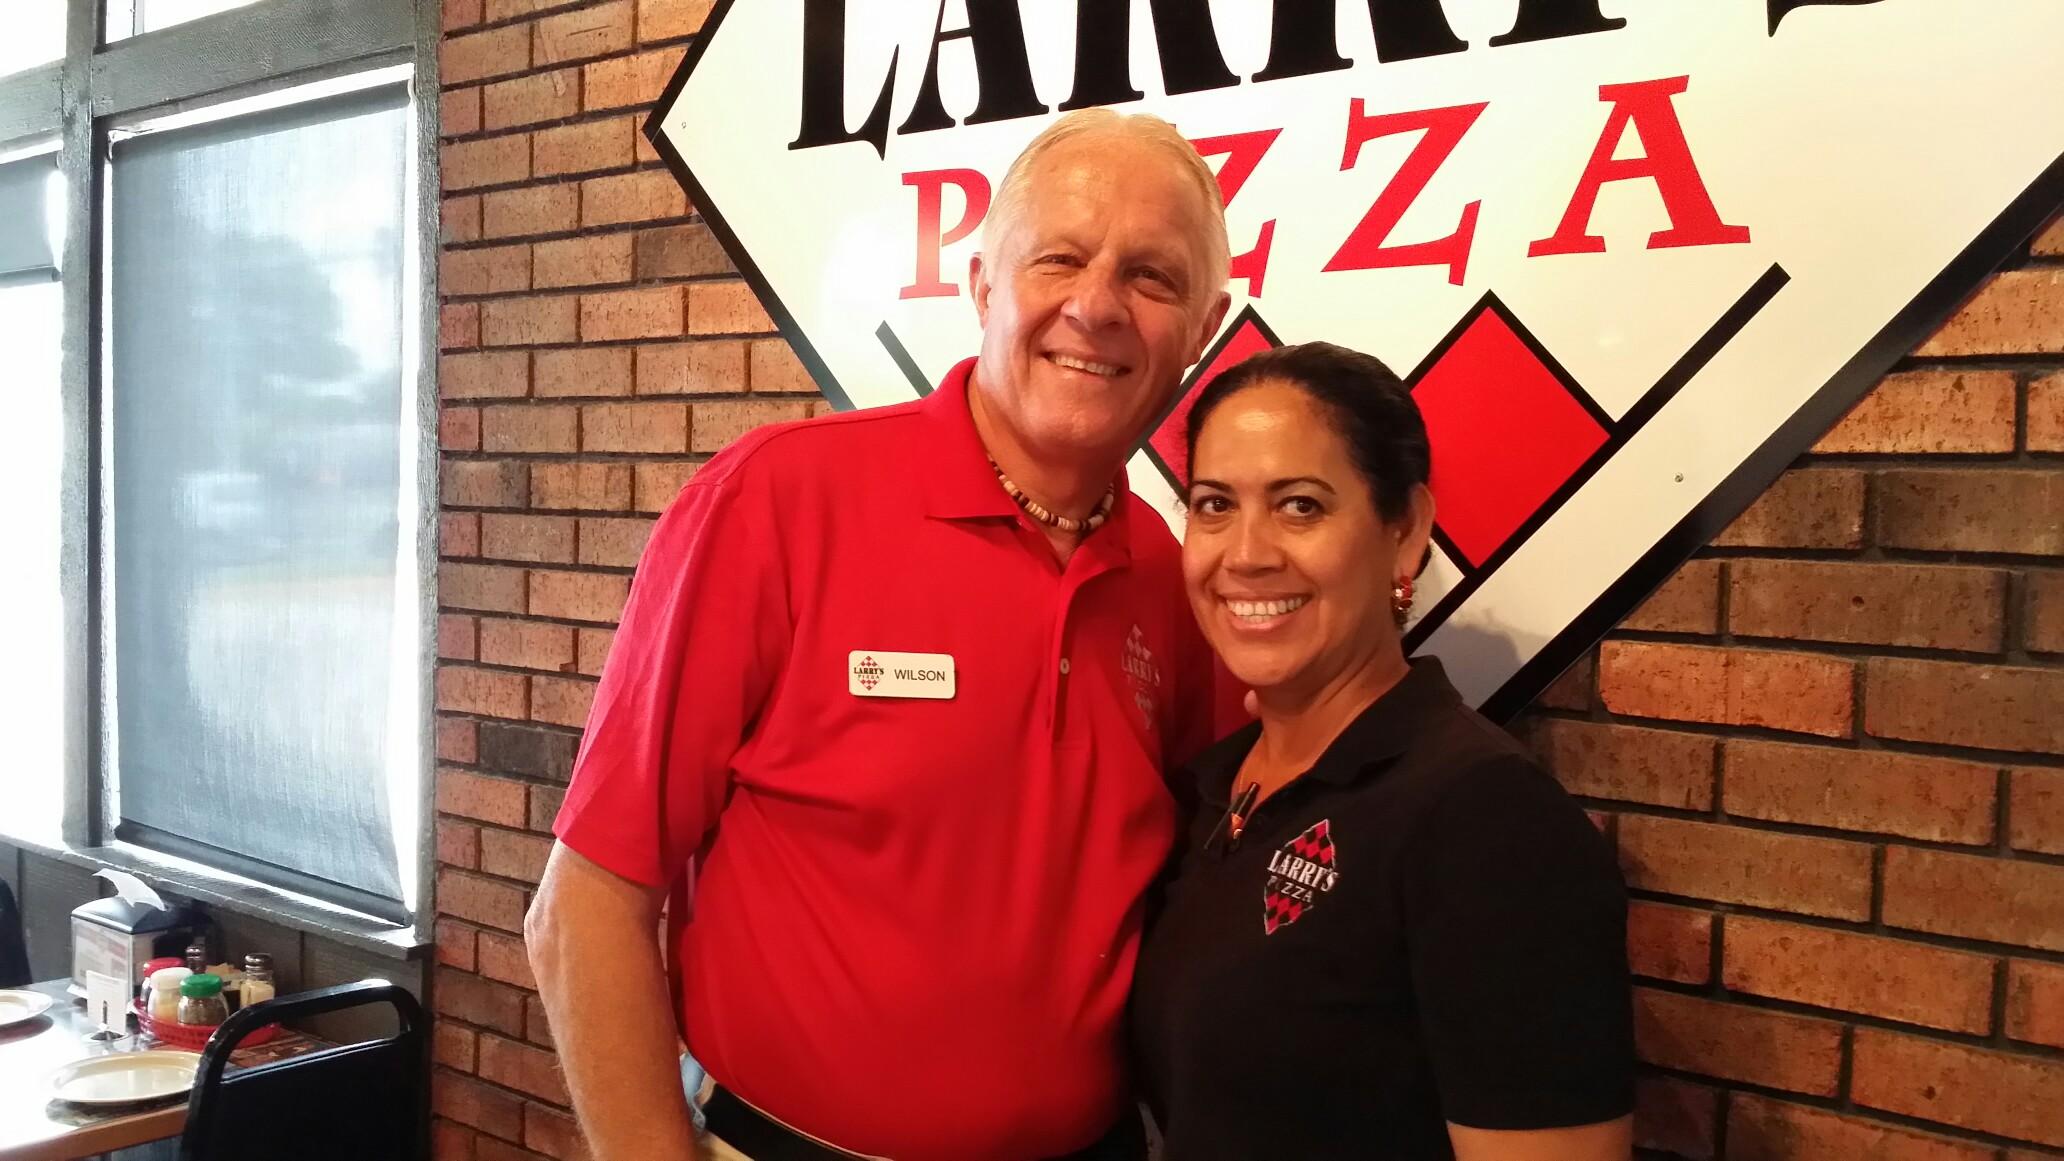 Larry's Pizza, El Dorado AR